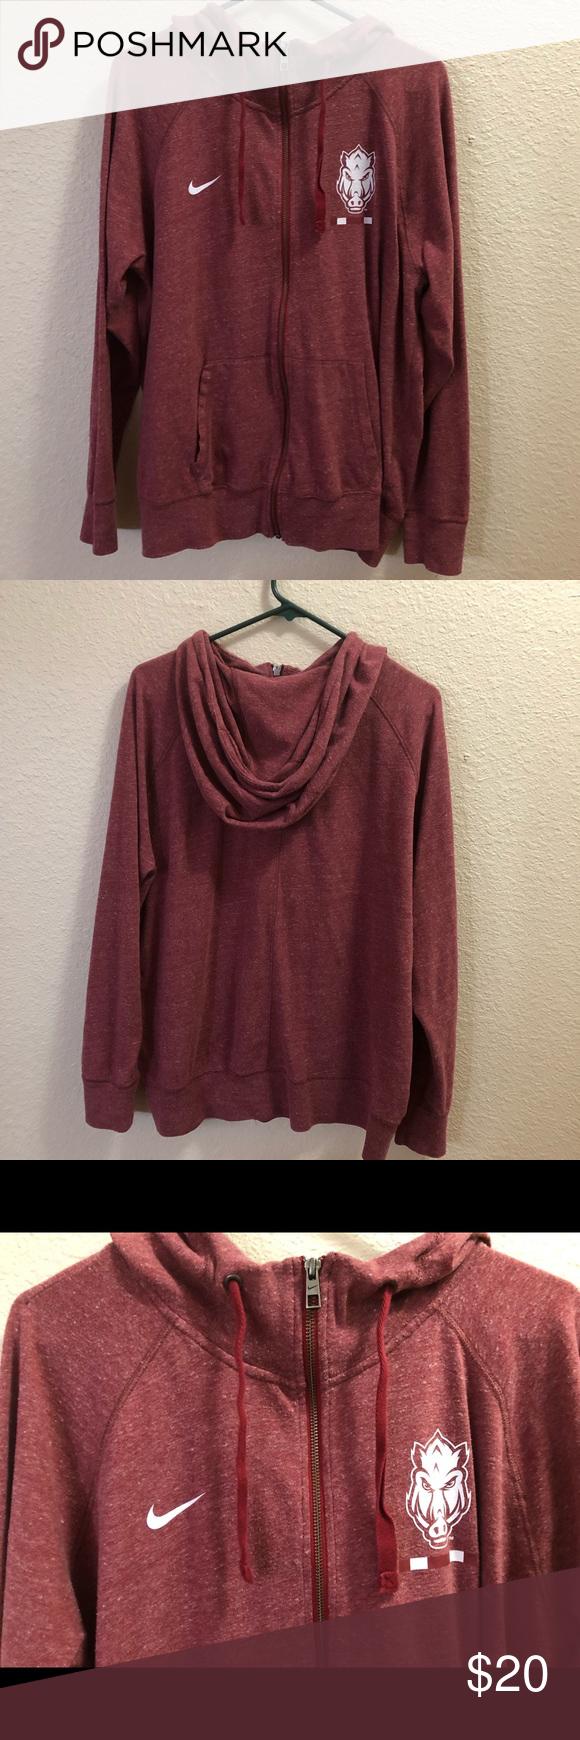 Arkansas Razorback Hoodie Hoodies Sweatshirts Hoodie Sweatshirt Tops [ 1740 x 580 Pixel ]